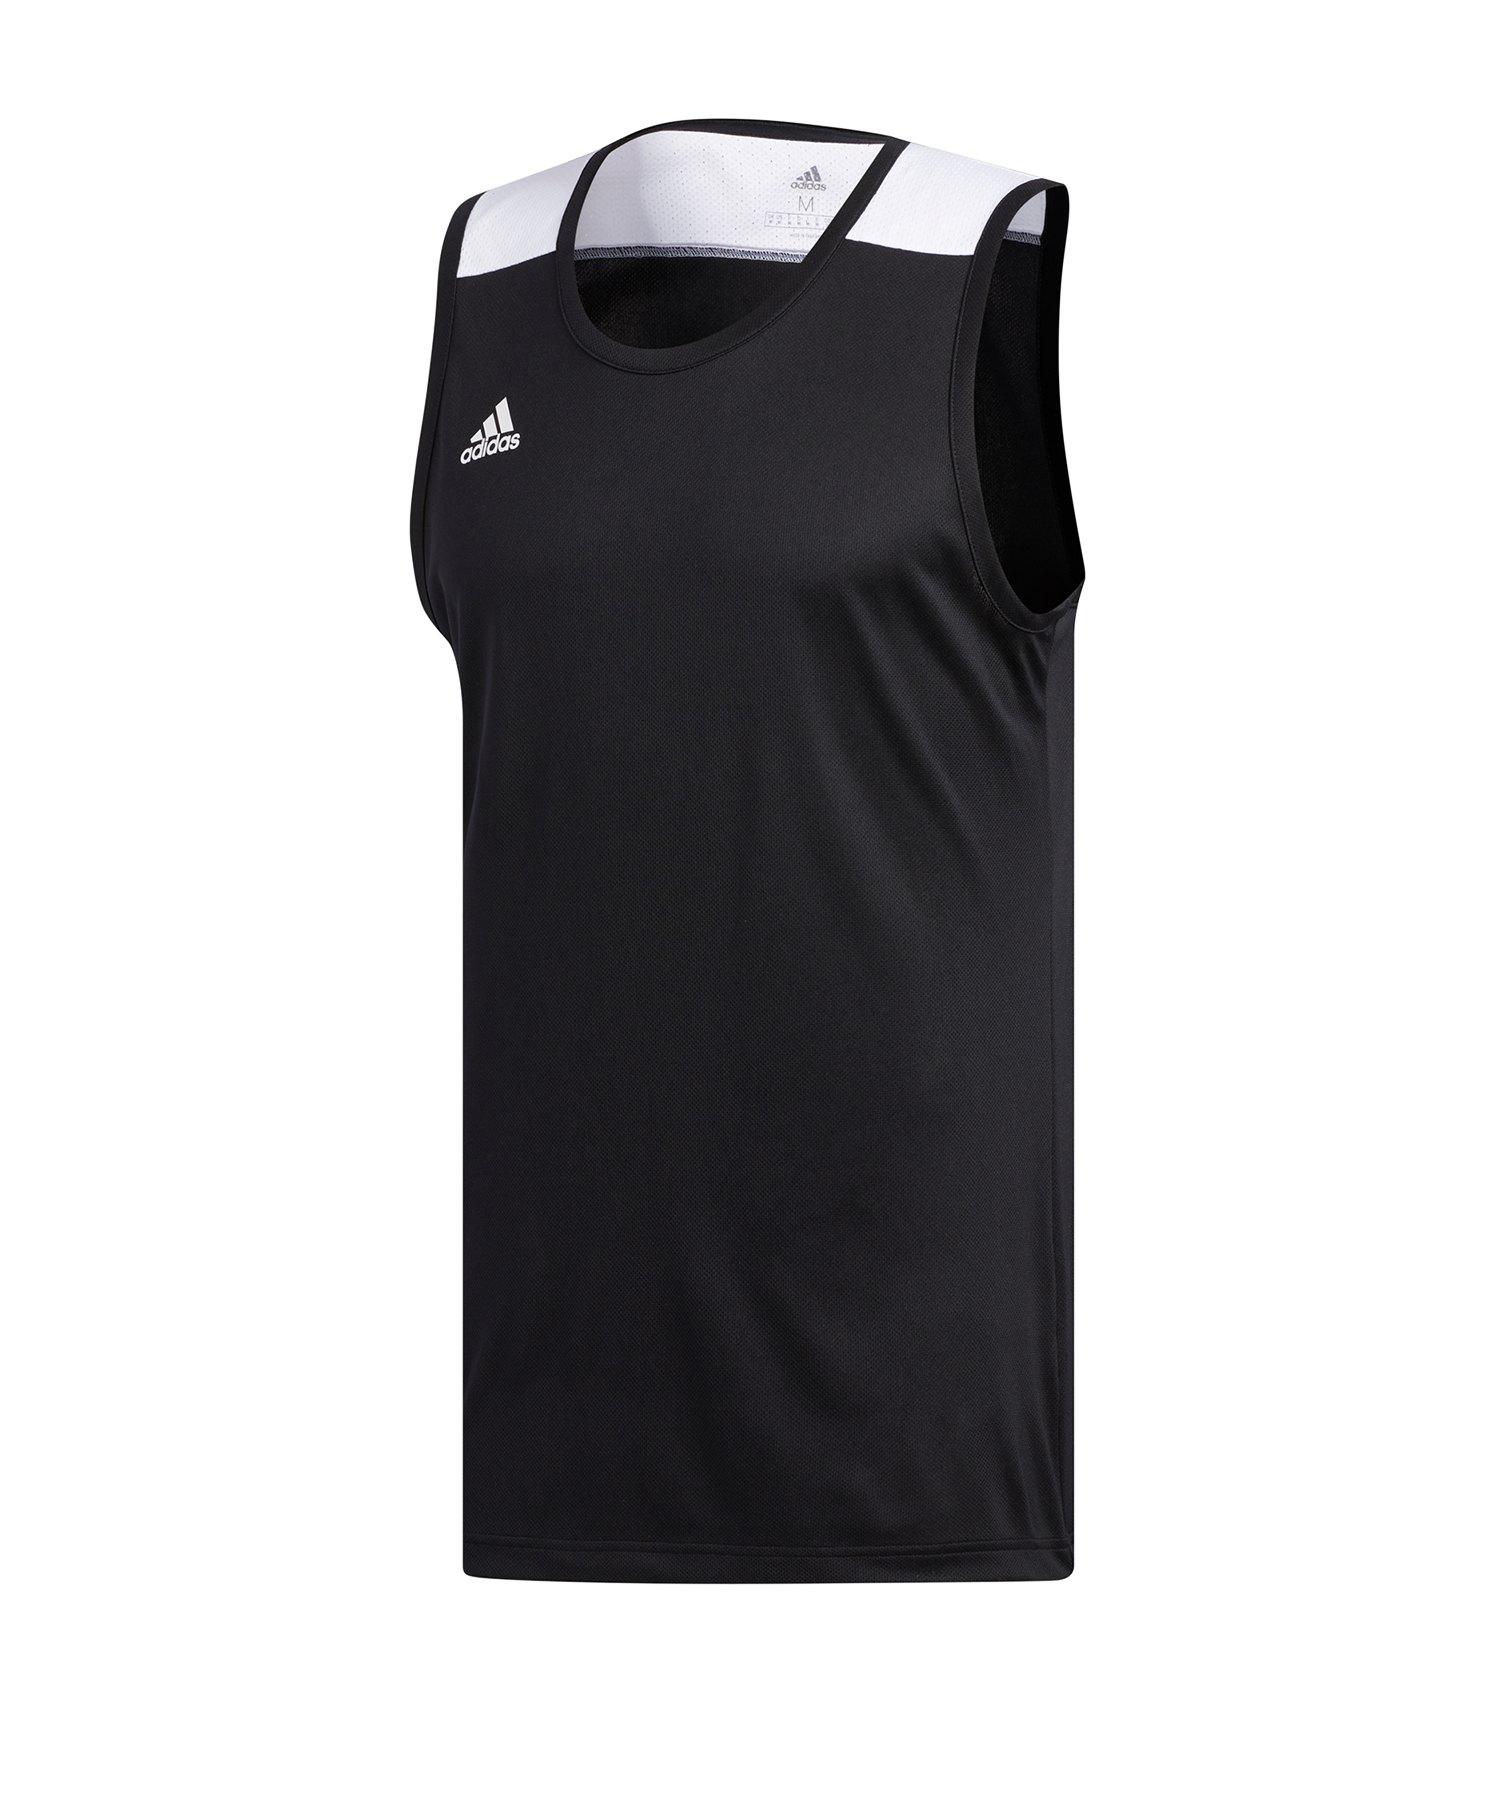 adidas TMS Game Shirt ärmellos Schwarz - schwarz